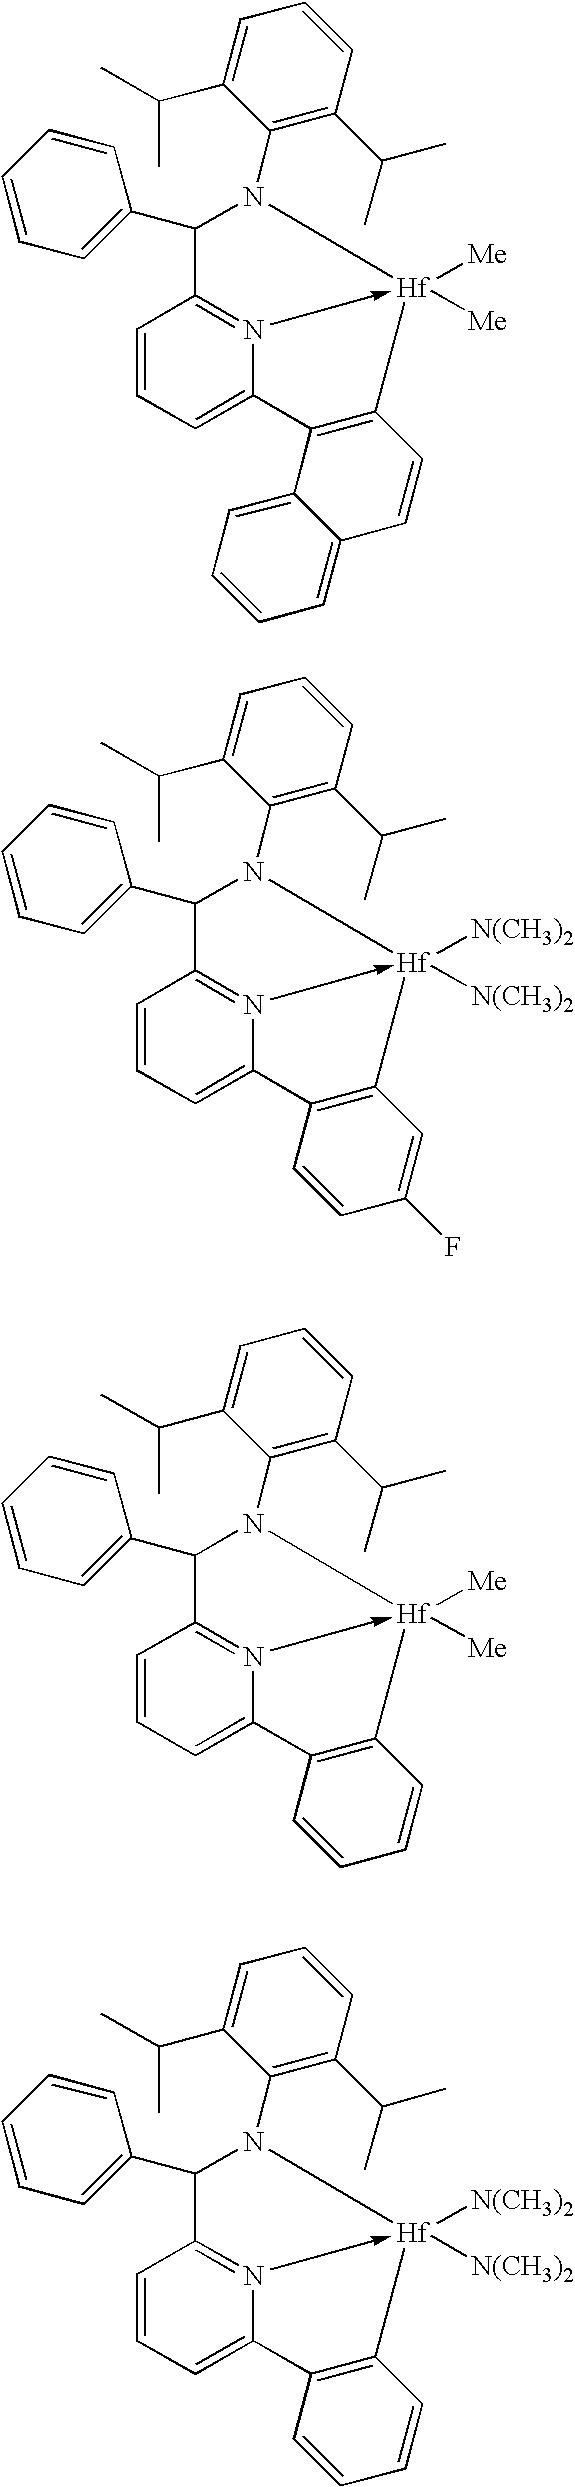 Figure US07897679-20110301-C00026